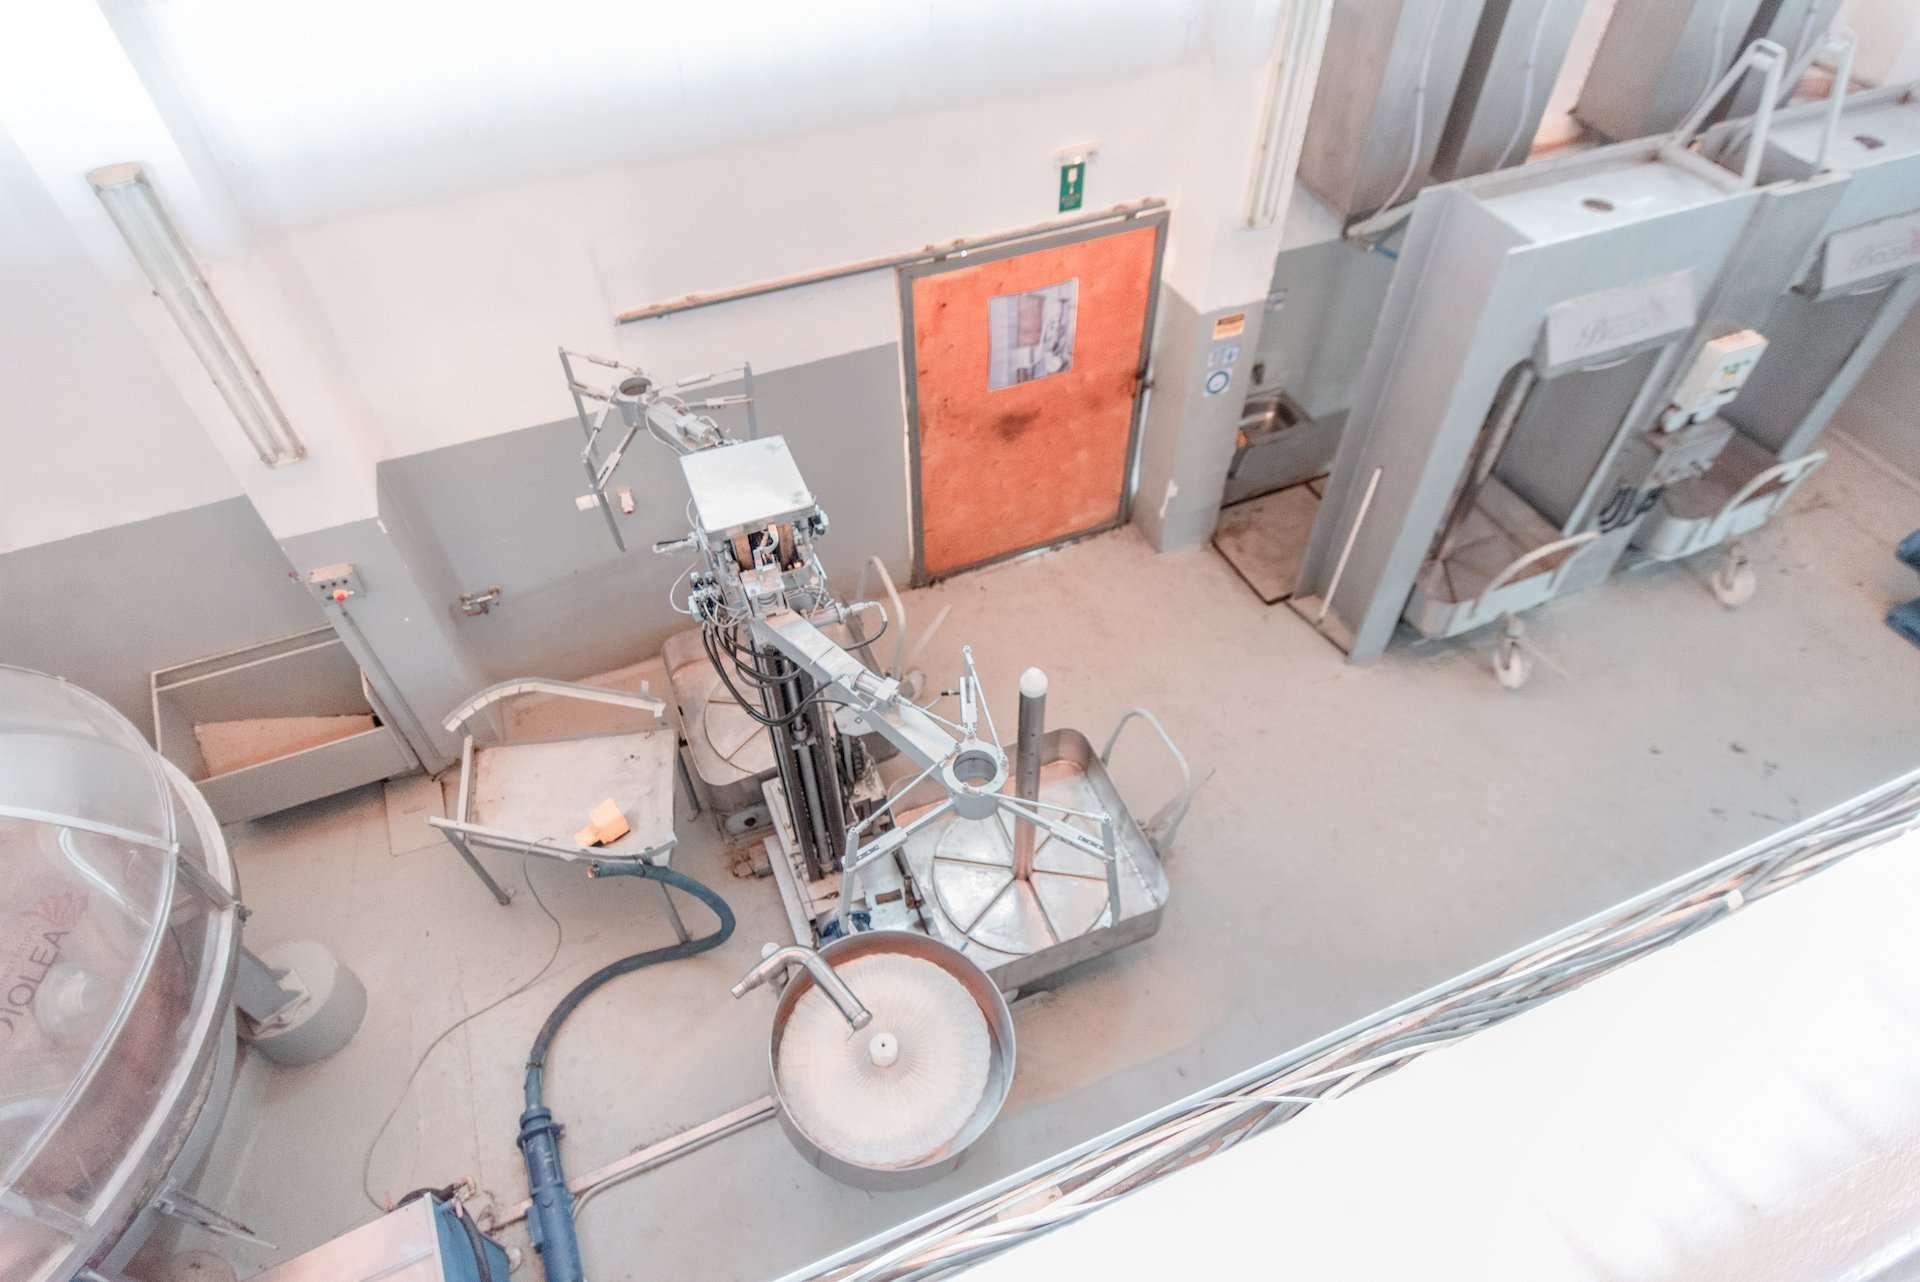 Biolea olive machine